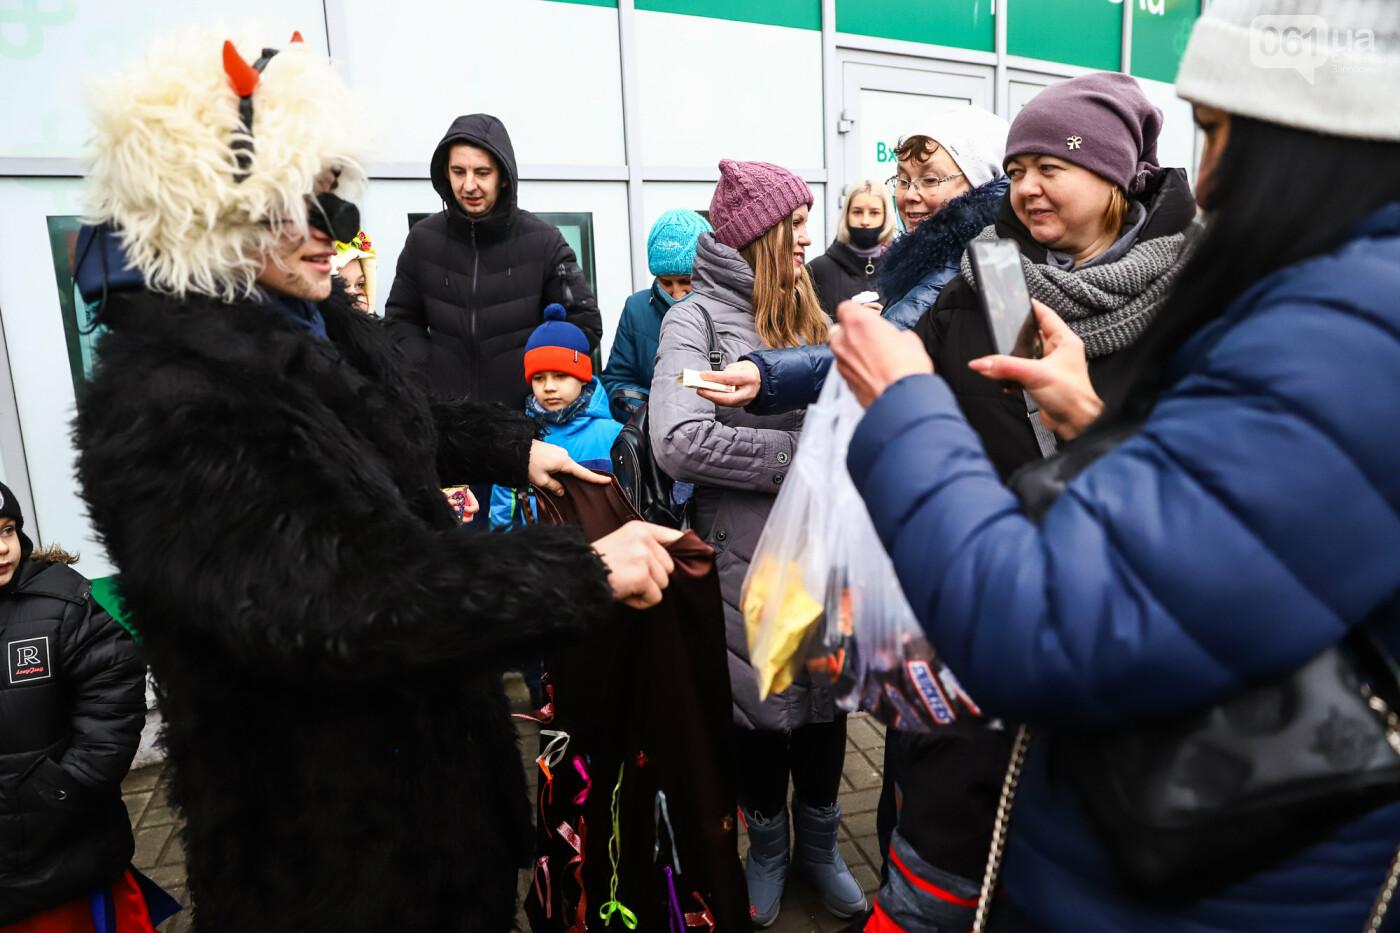 Нечистая сила против казаков: на улицах Запорожья показывали Рождественский вертеп, - ФОТО, ВИДЕО  , фото-28